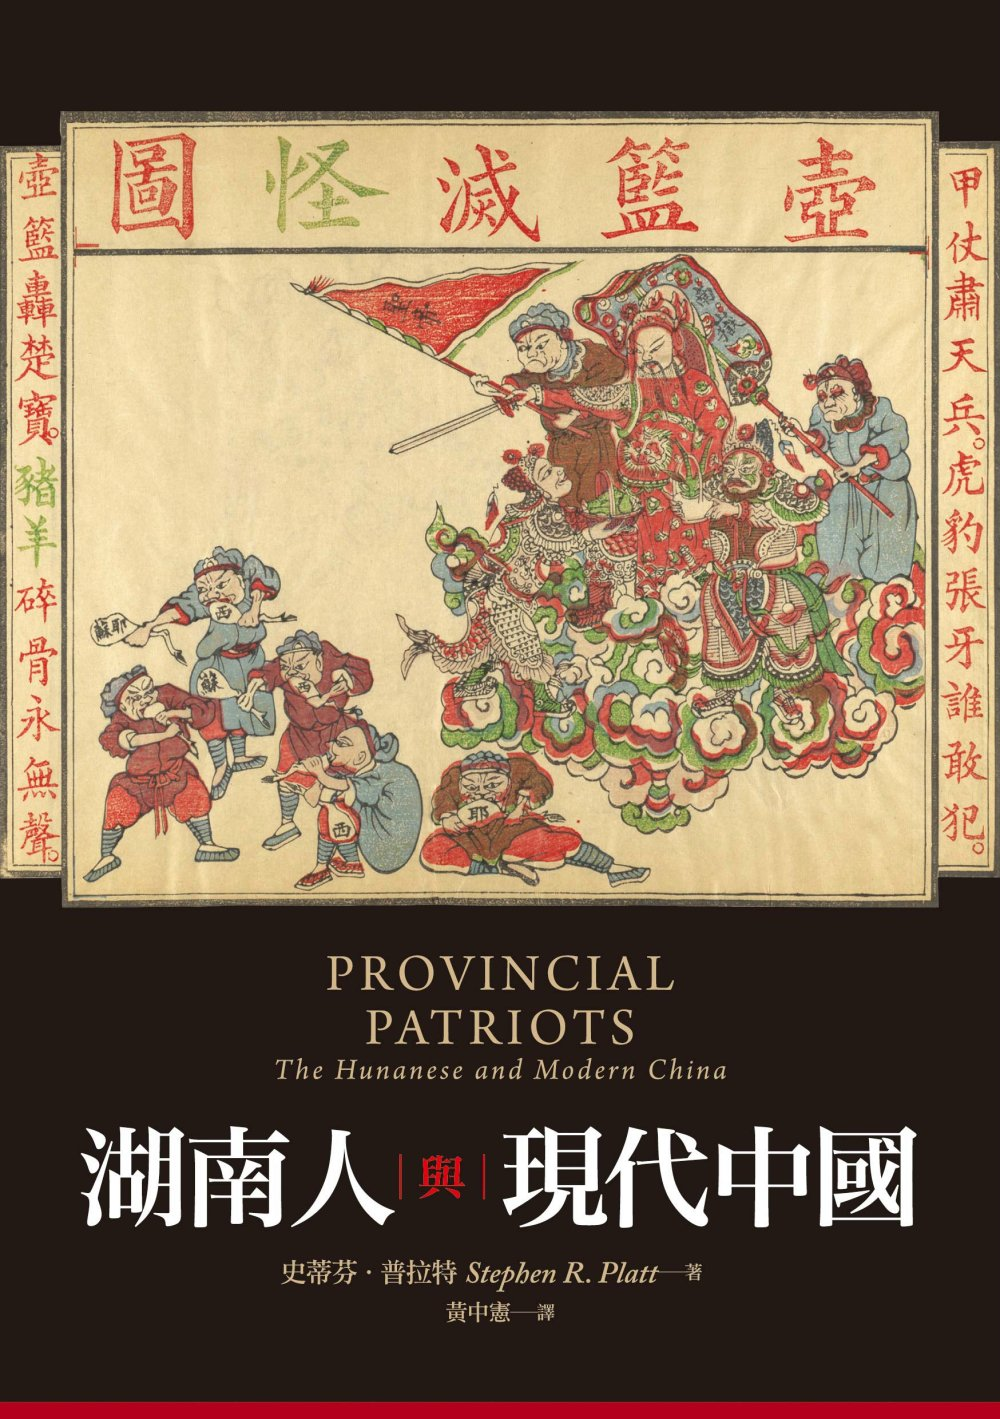 湖南人與現代中國